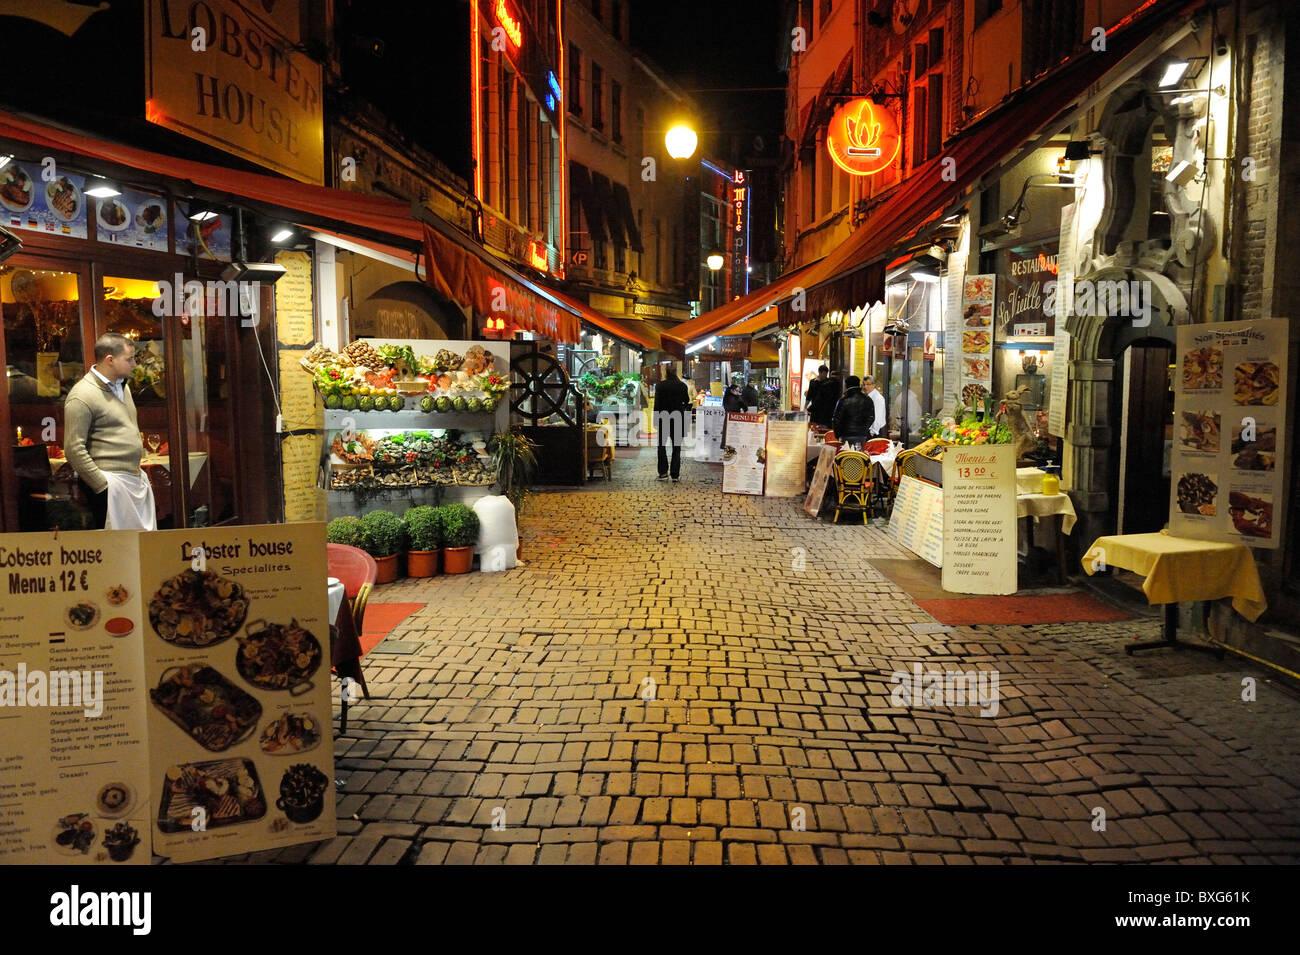 Cafés, Restaurants und Nachtleben, Weihnachtszeit, Brüssel, Belgien Stockbild